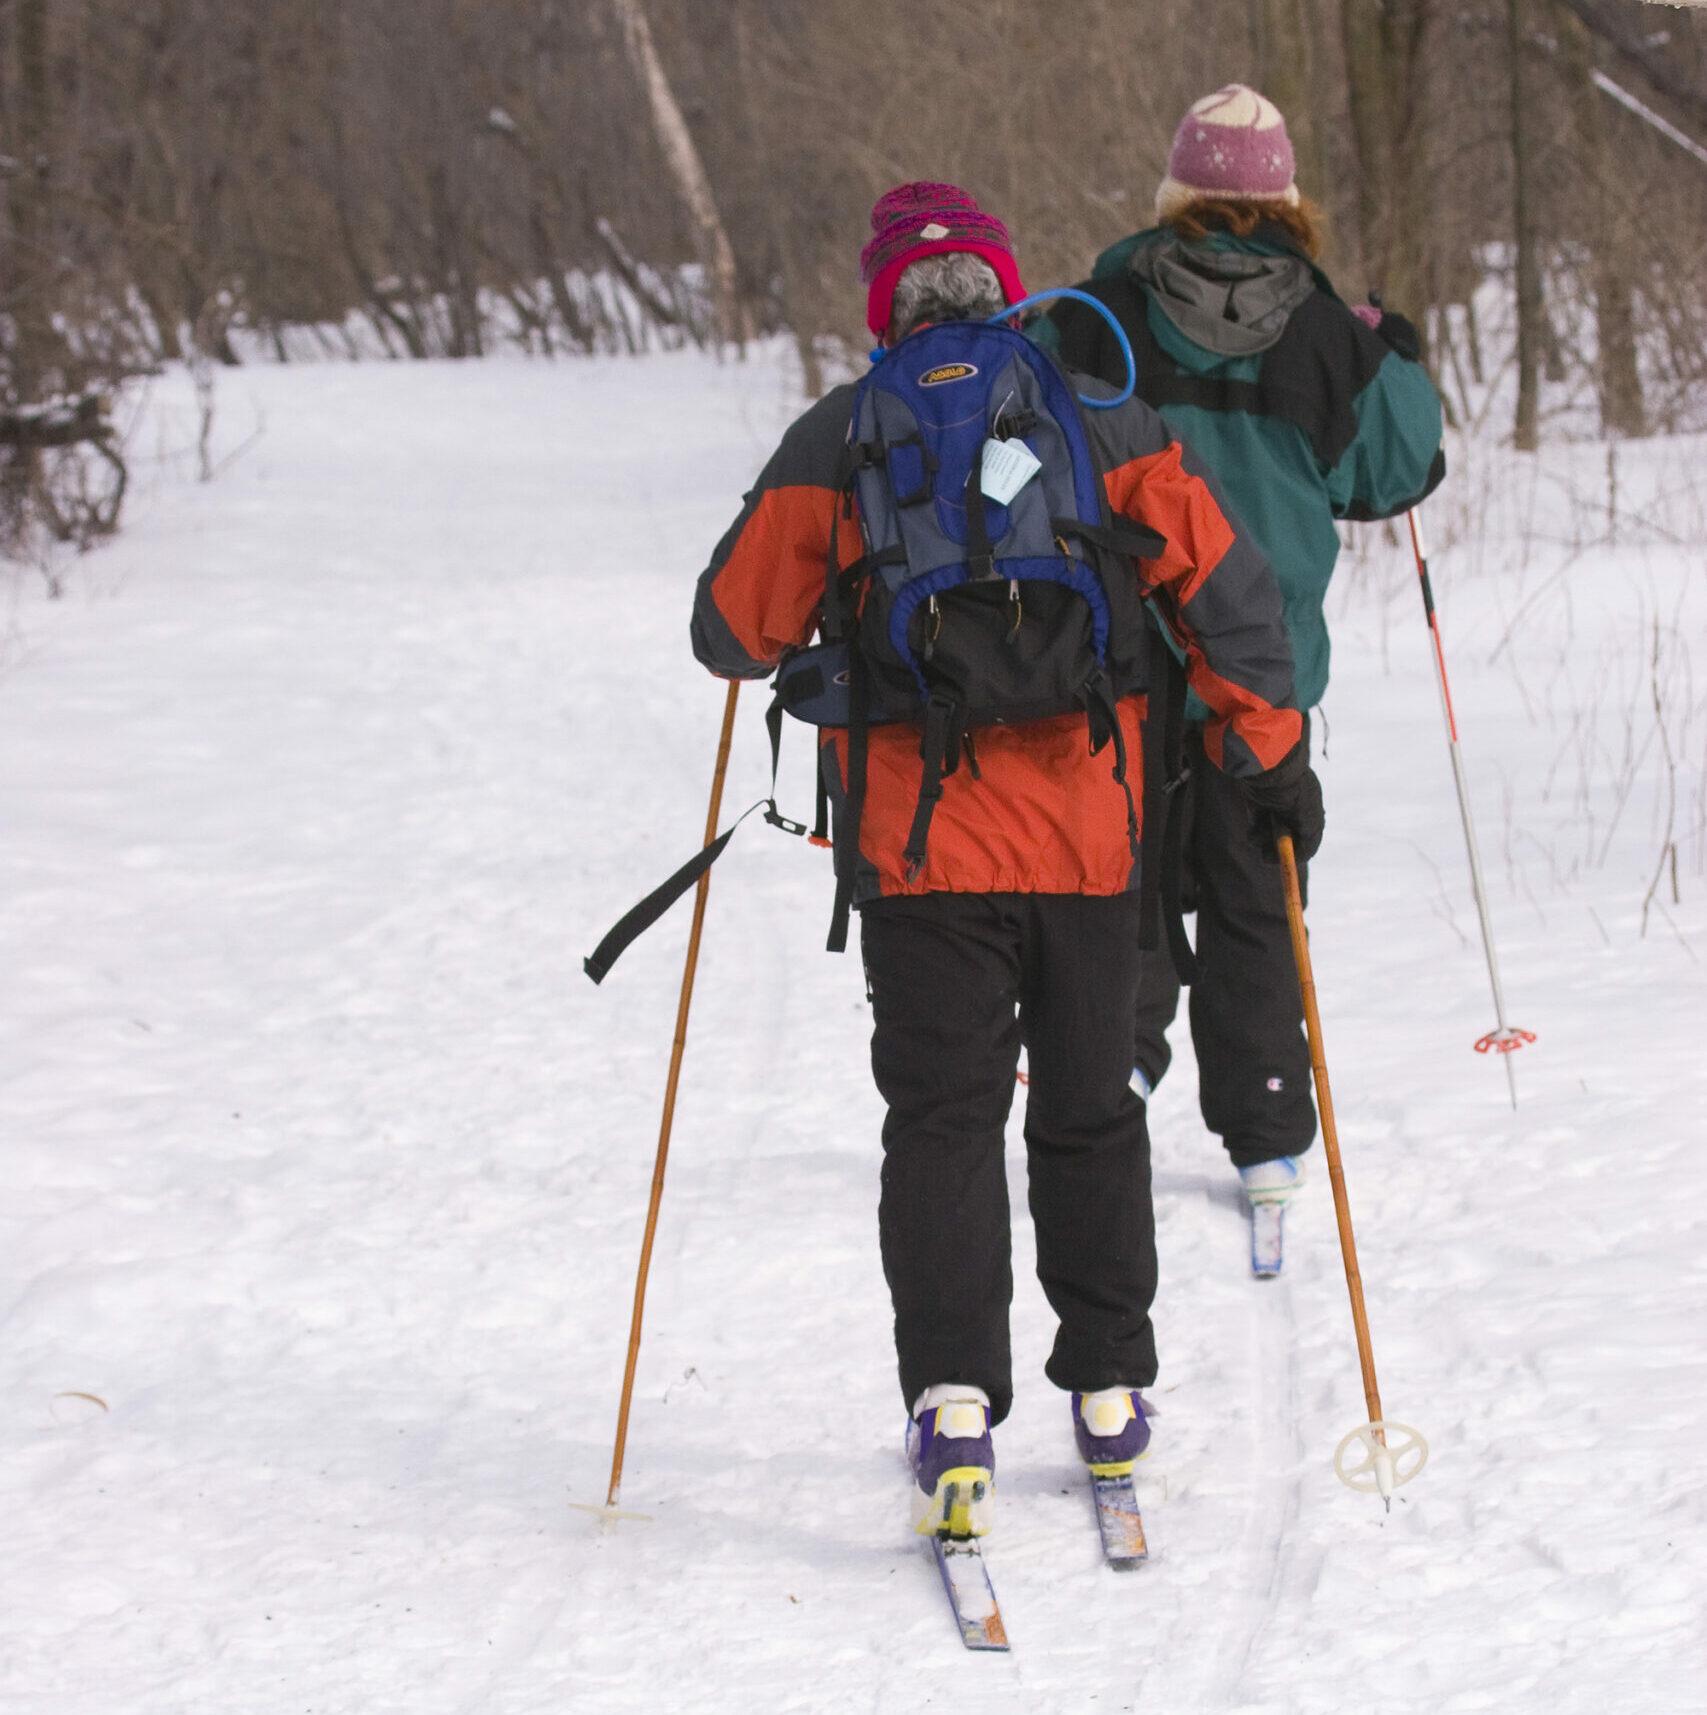 Deux personnes pratiquant le ski de fond